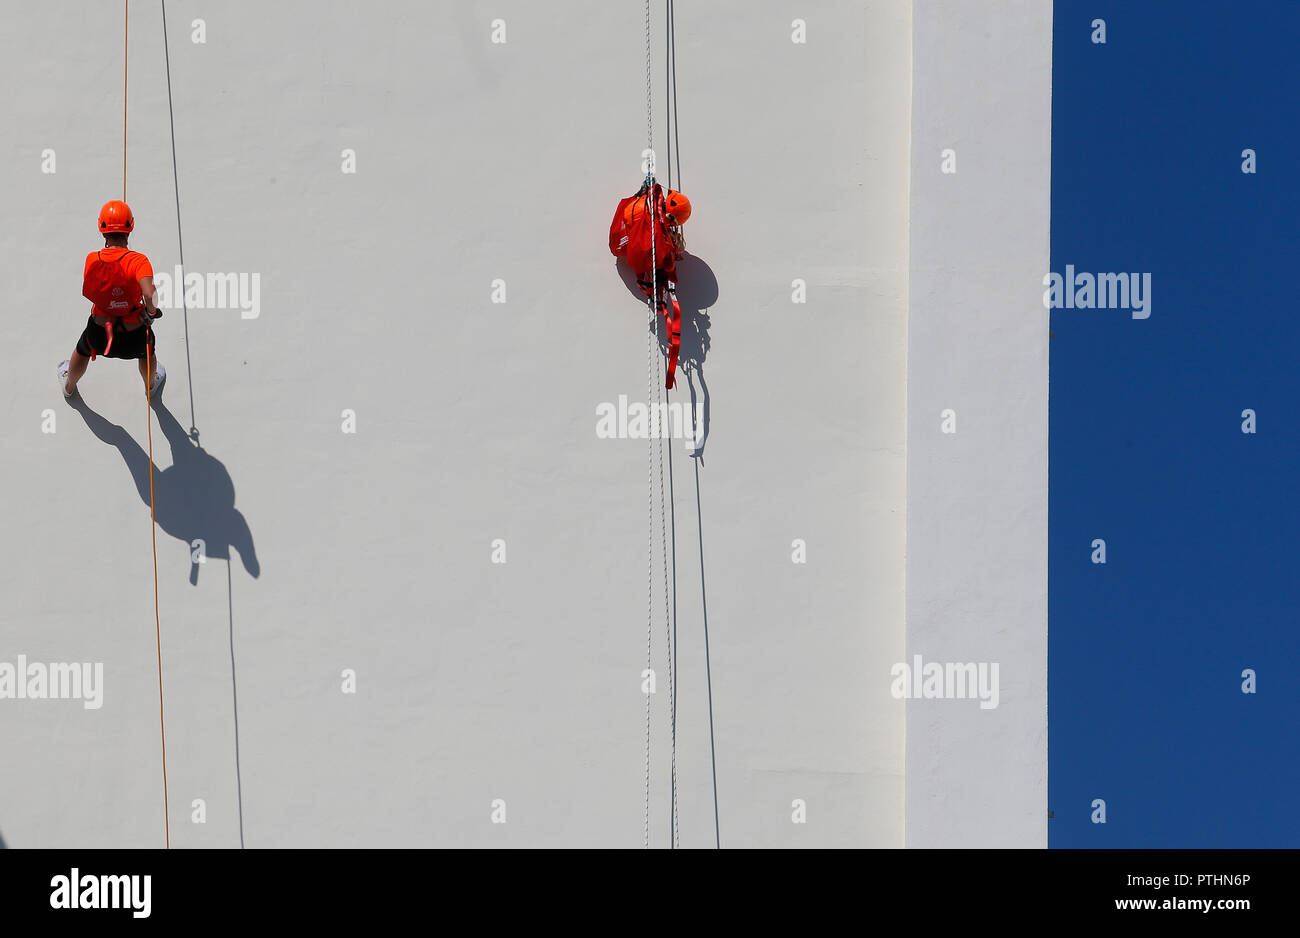 Palma de Mallorca / Spain - October 6, 2018: Abseiling on a building facade in the Spanish island of Mallorca. An abseil or also called a rapel or rap - Stock Image